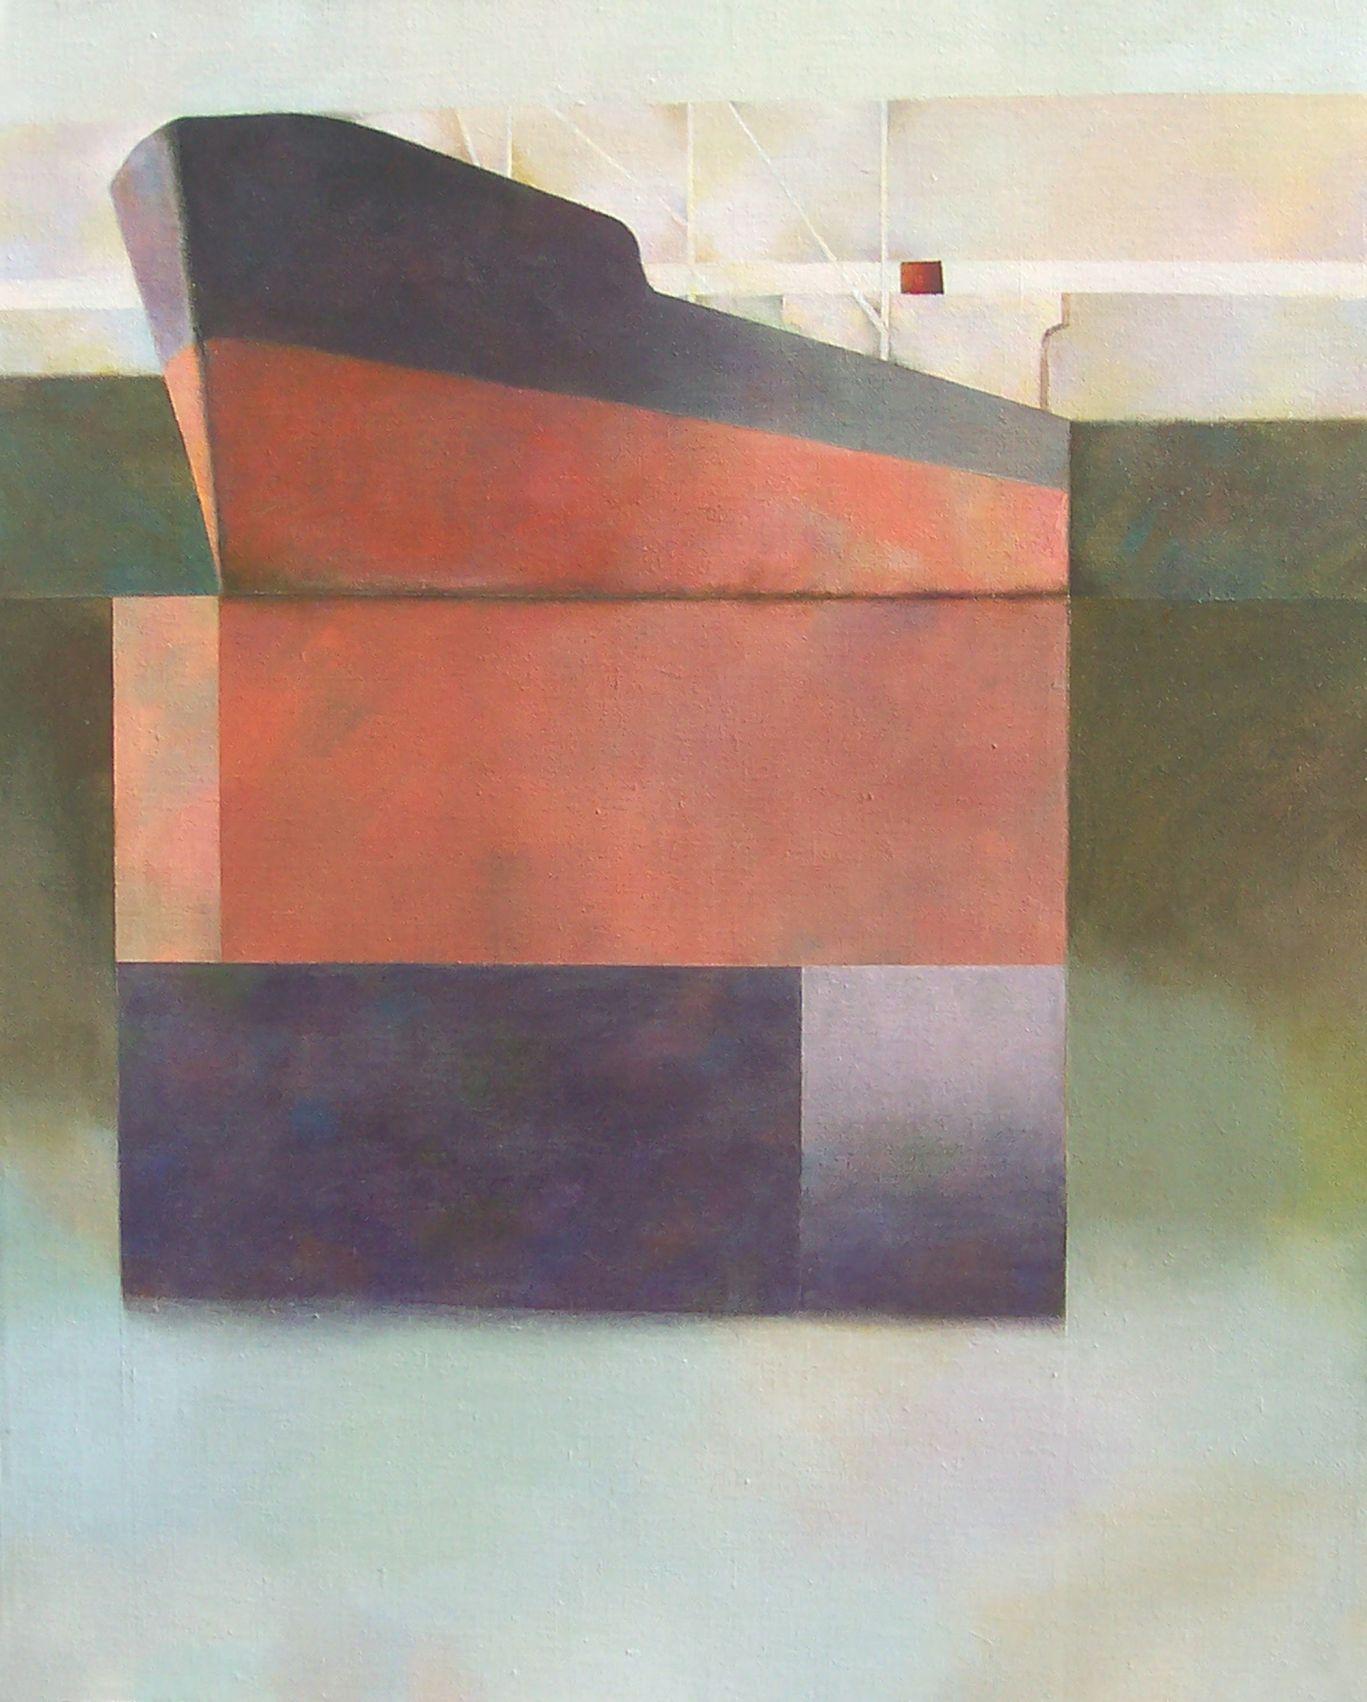 Al sur del mundo ,en los canales,  barco varado (1998) - Felipe Mercadal Borghetti